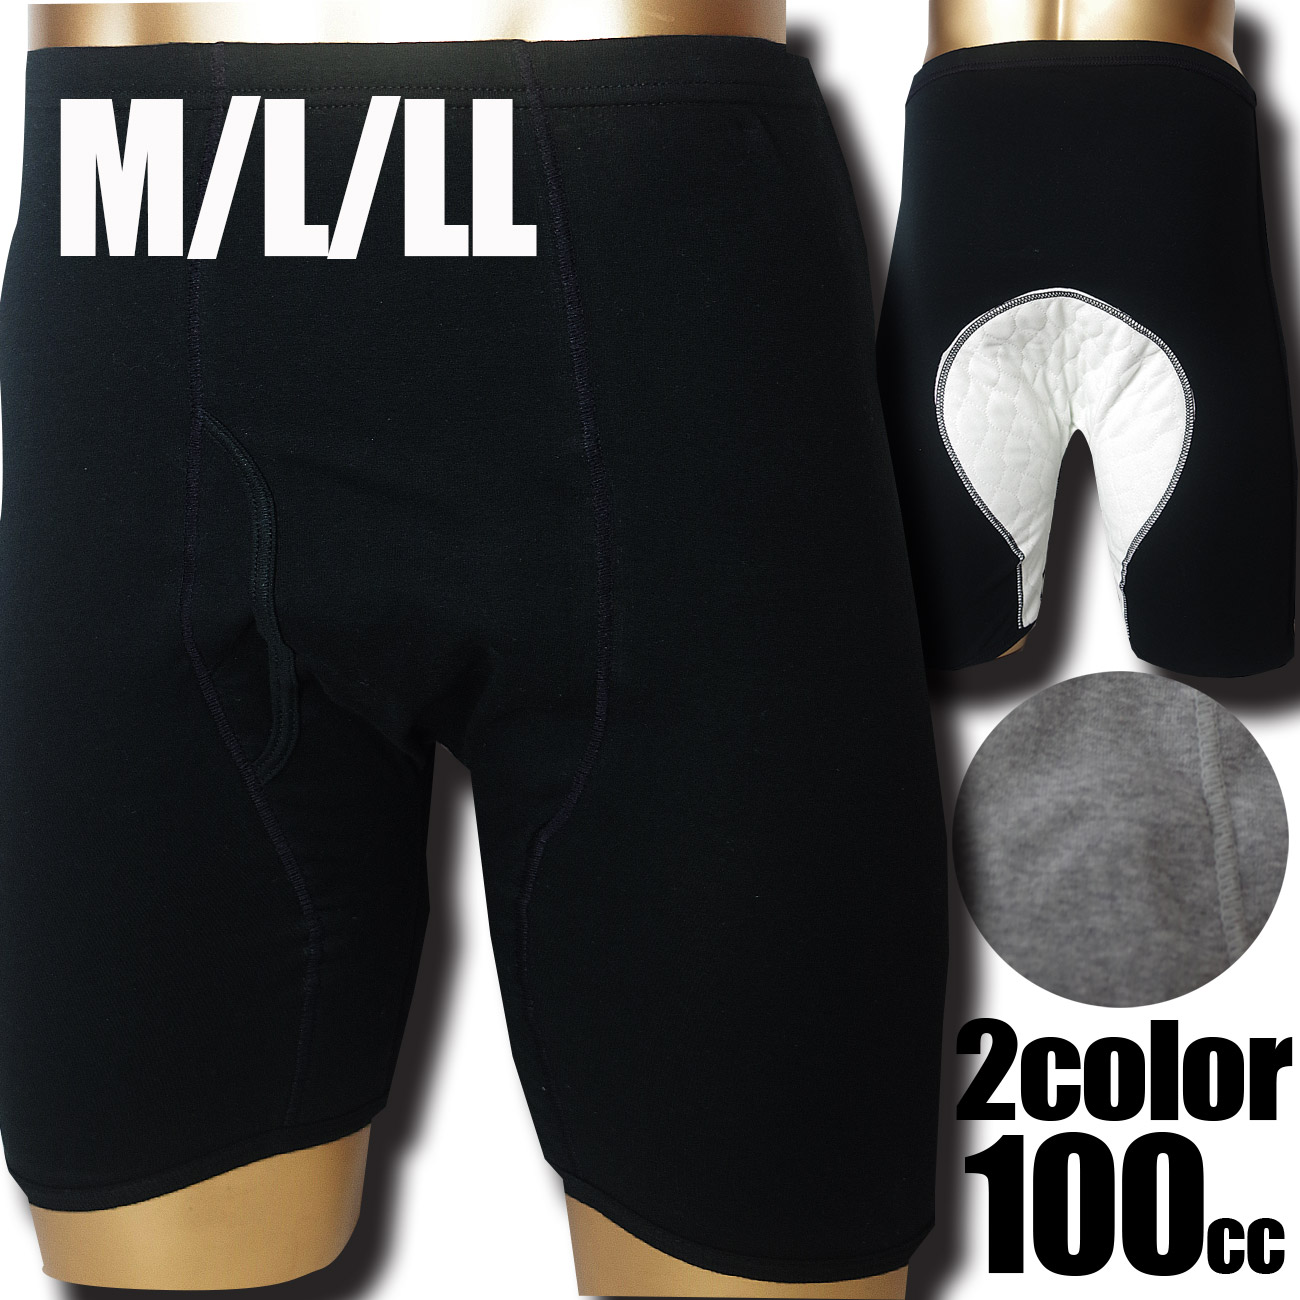 男性用尿漏れパンツ 大容量 綿100% 100cc mjm6102カラーあります。